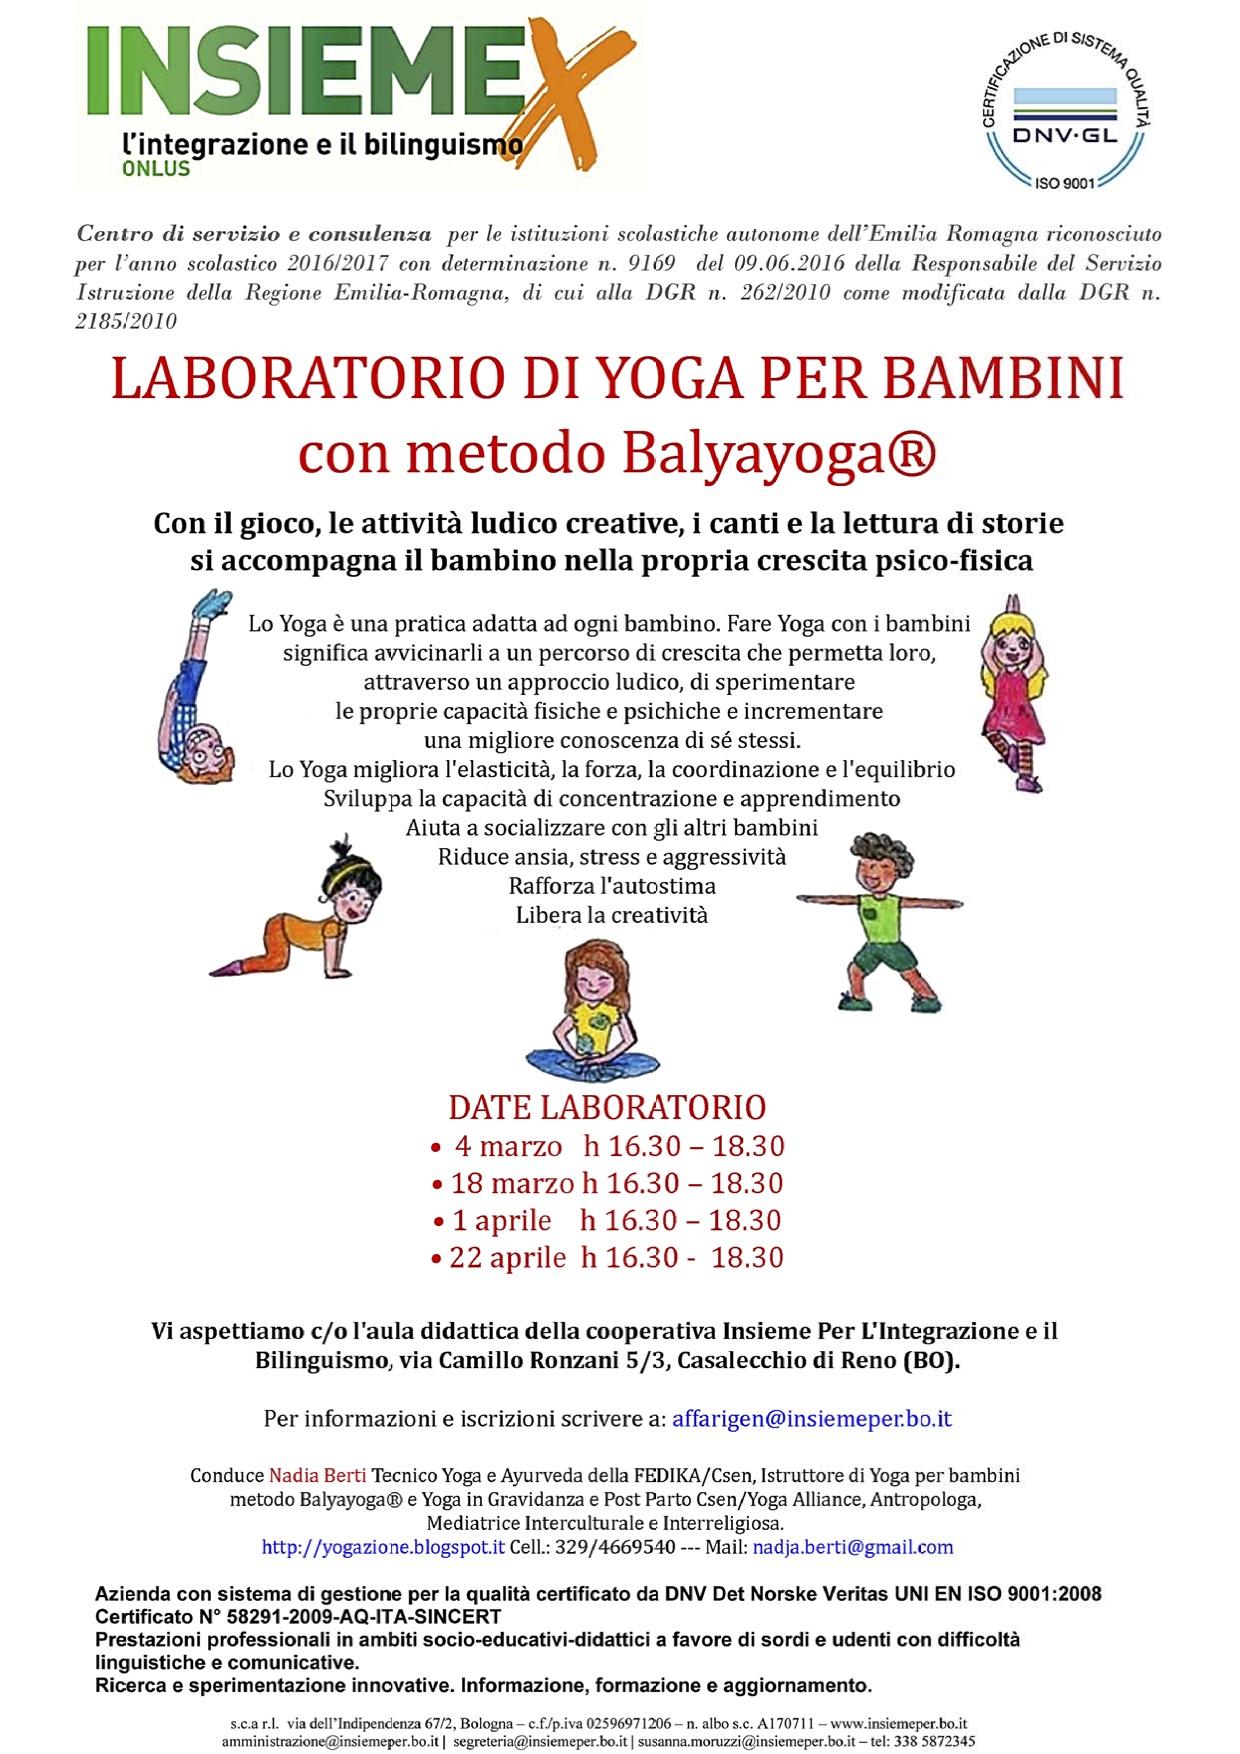 Laboratorio di Yoga per bambini con metodo Balyayoga